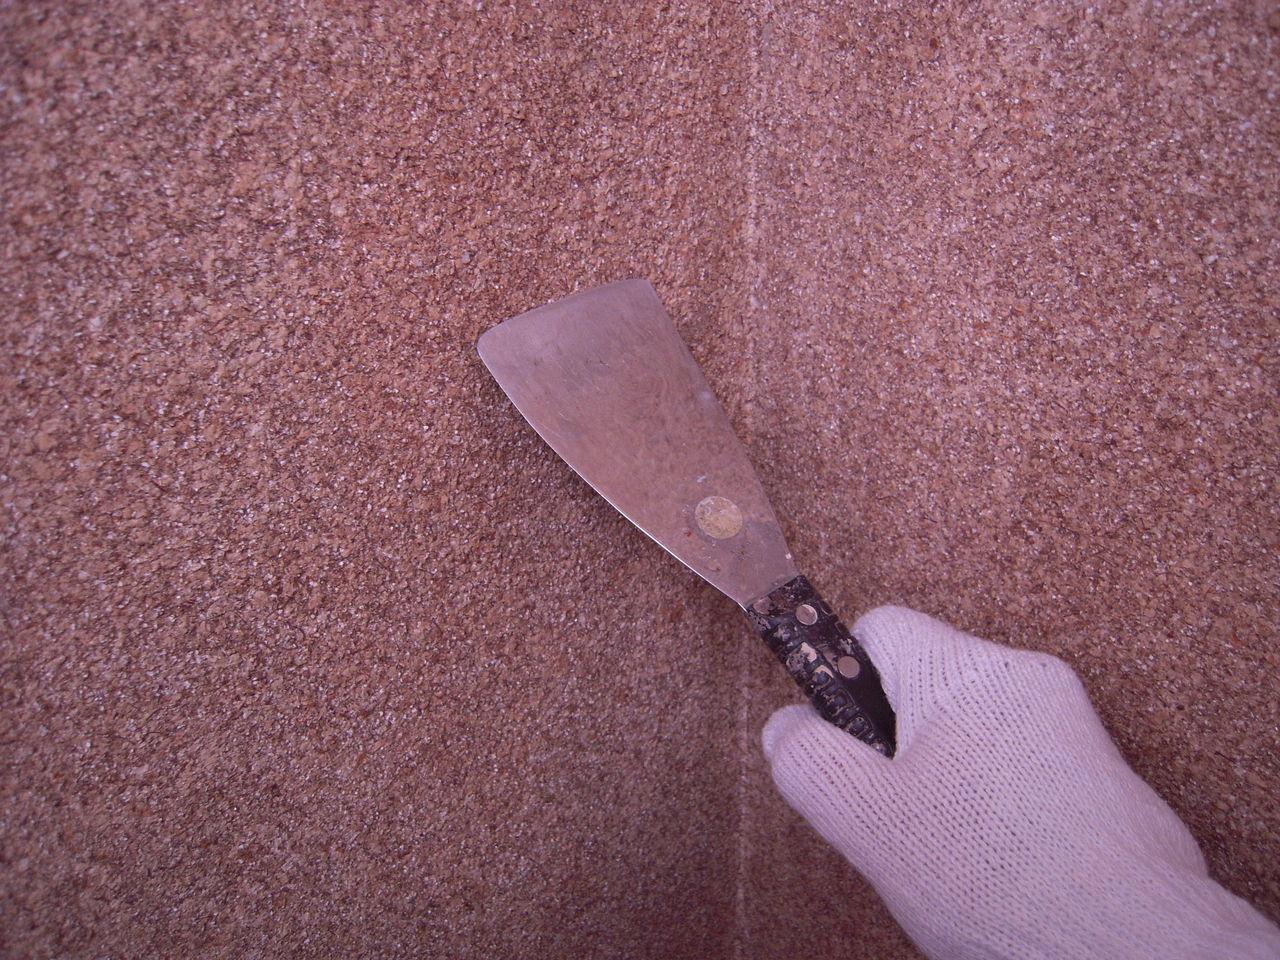 トイレの壁紙貼り 繊維壁の気持ちいいはがし方 いえけあれぽーと